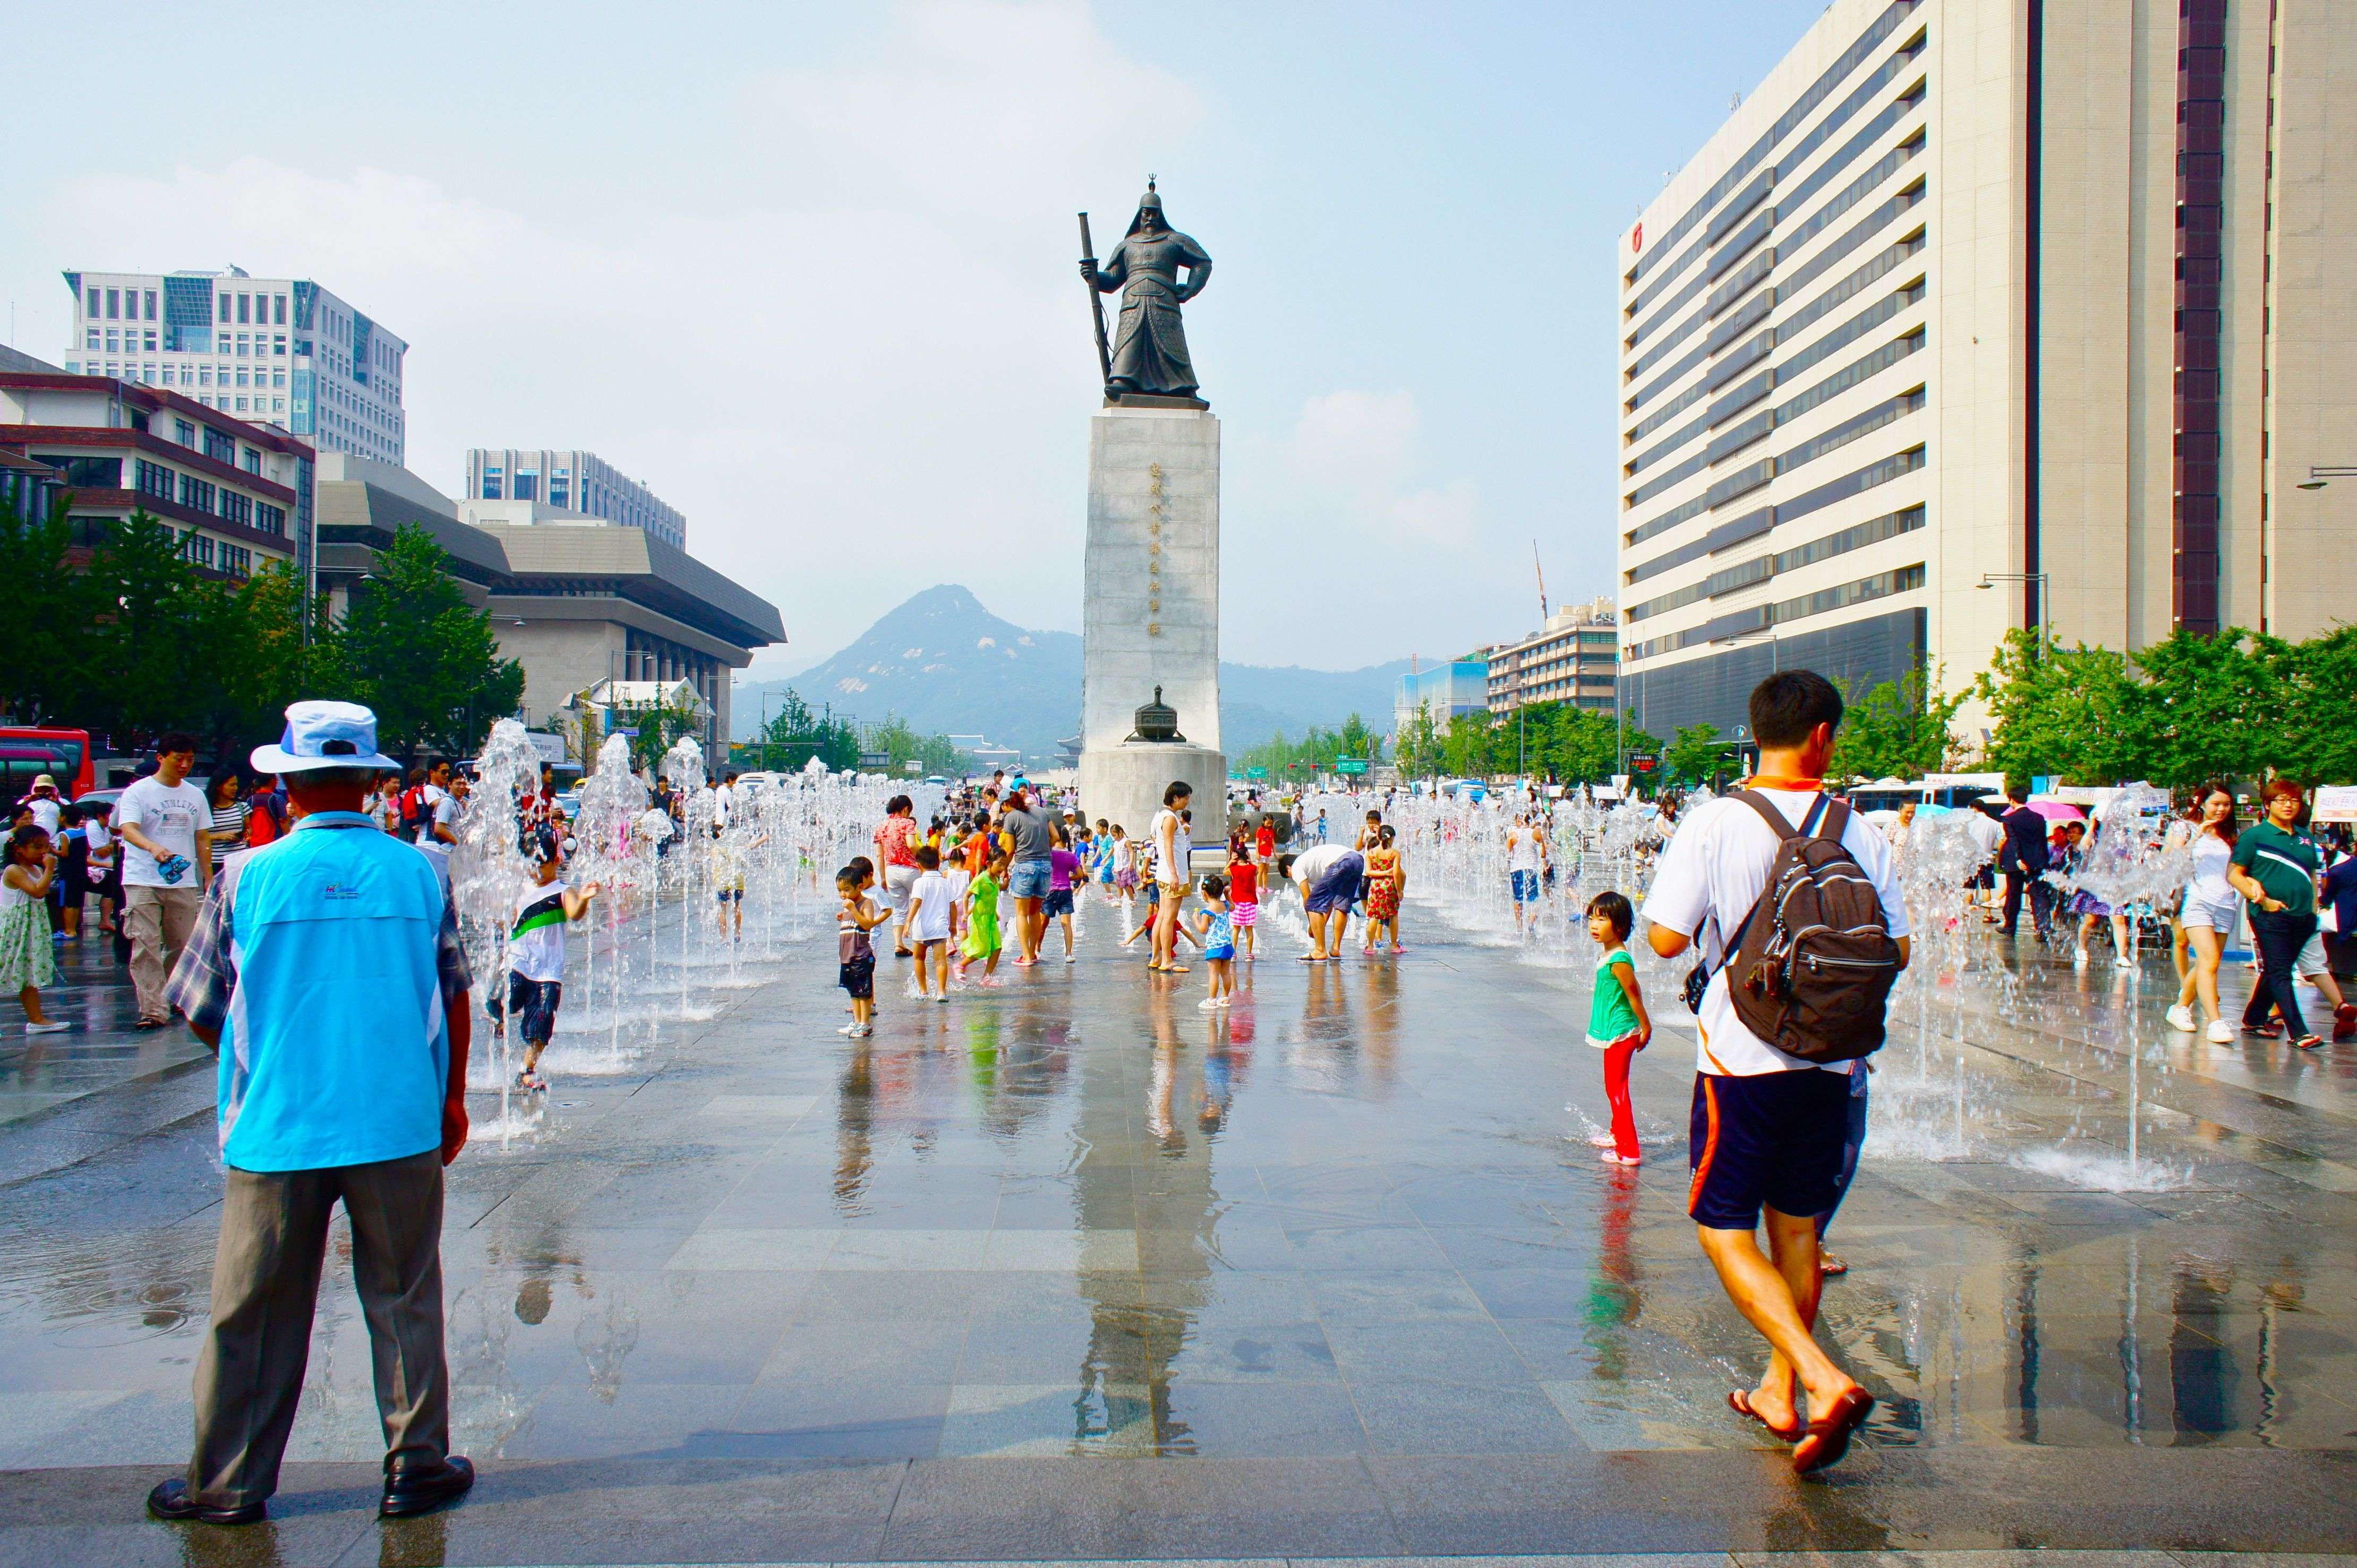 Quảng trường Gwanghwamun trung tâm thủ đô Seoul